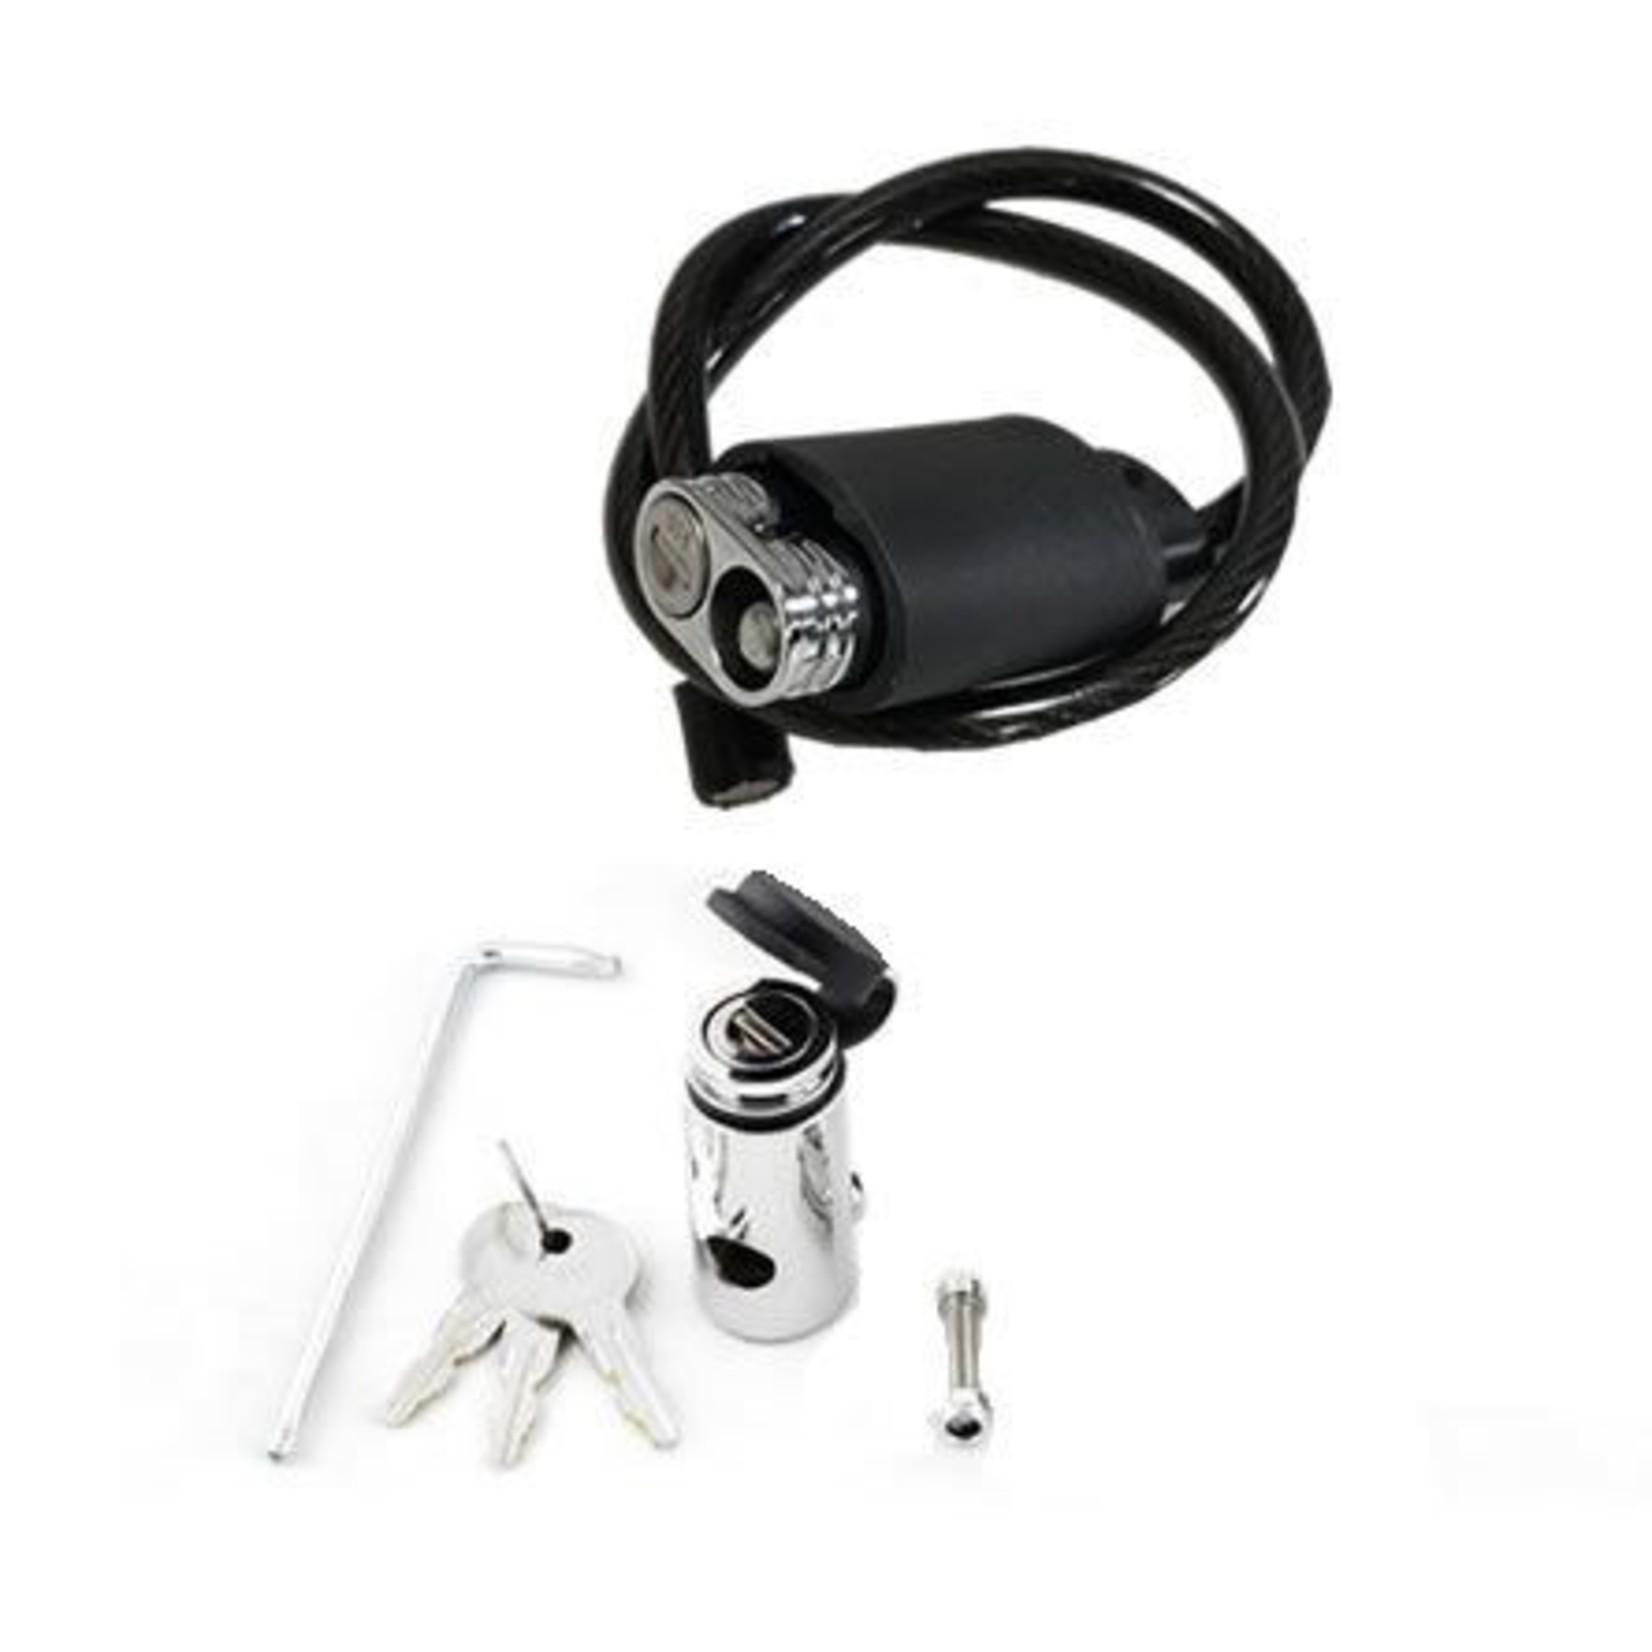 Kuat Kuat Transfer Lock Kit- 1 Bike Lock Kit